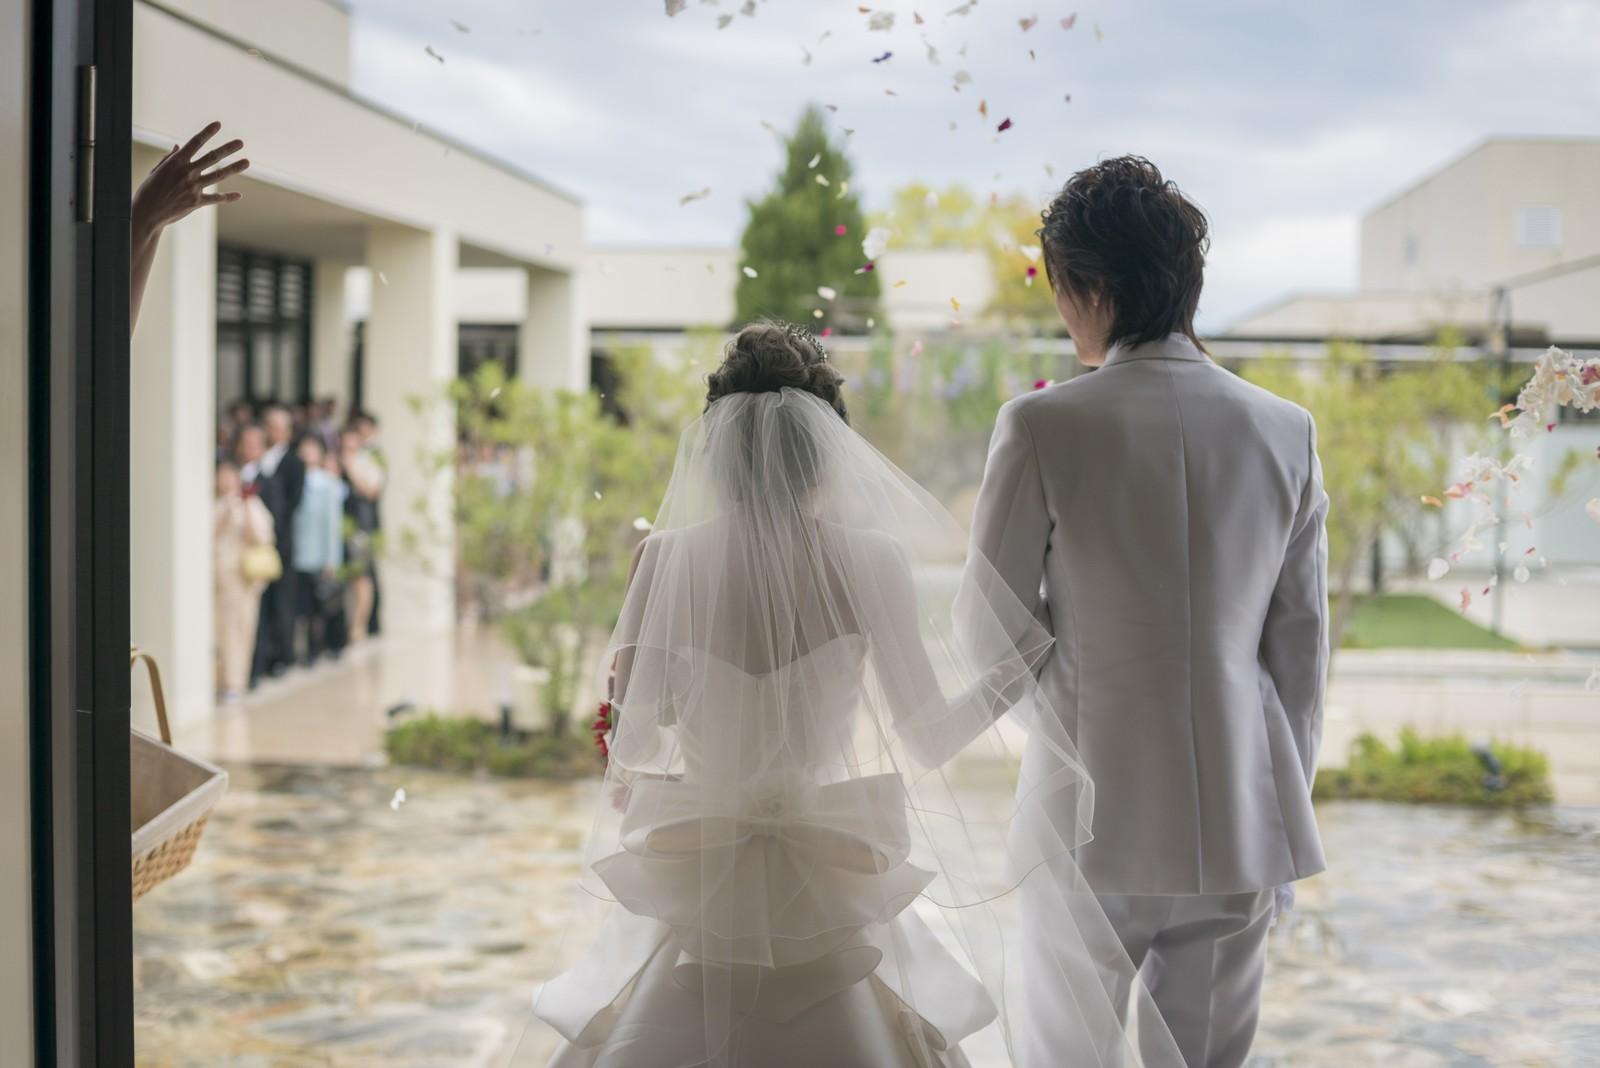 高松市の結婚式場アイルバレクラブのアフターセレモニー